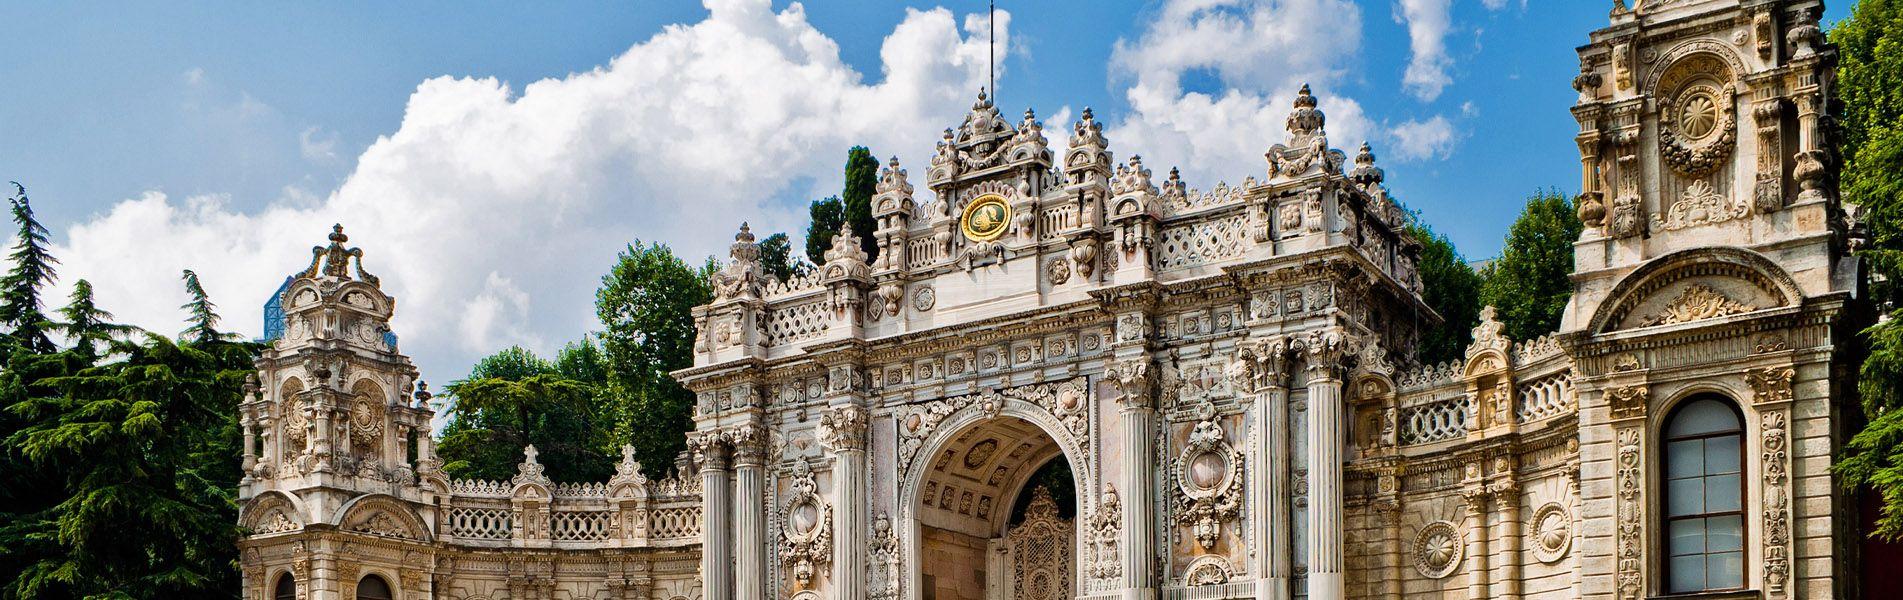 Palacio de Dolmabahce, Turquía